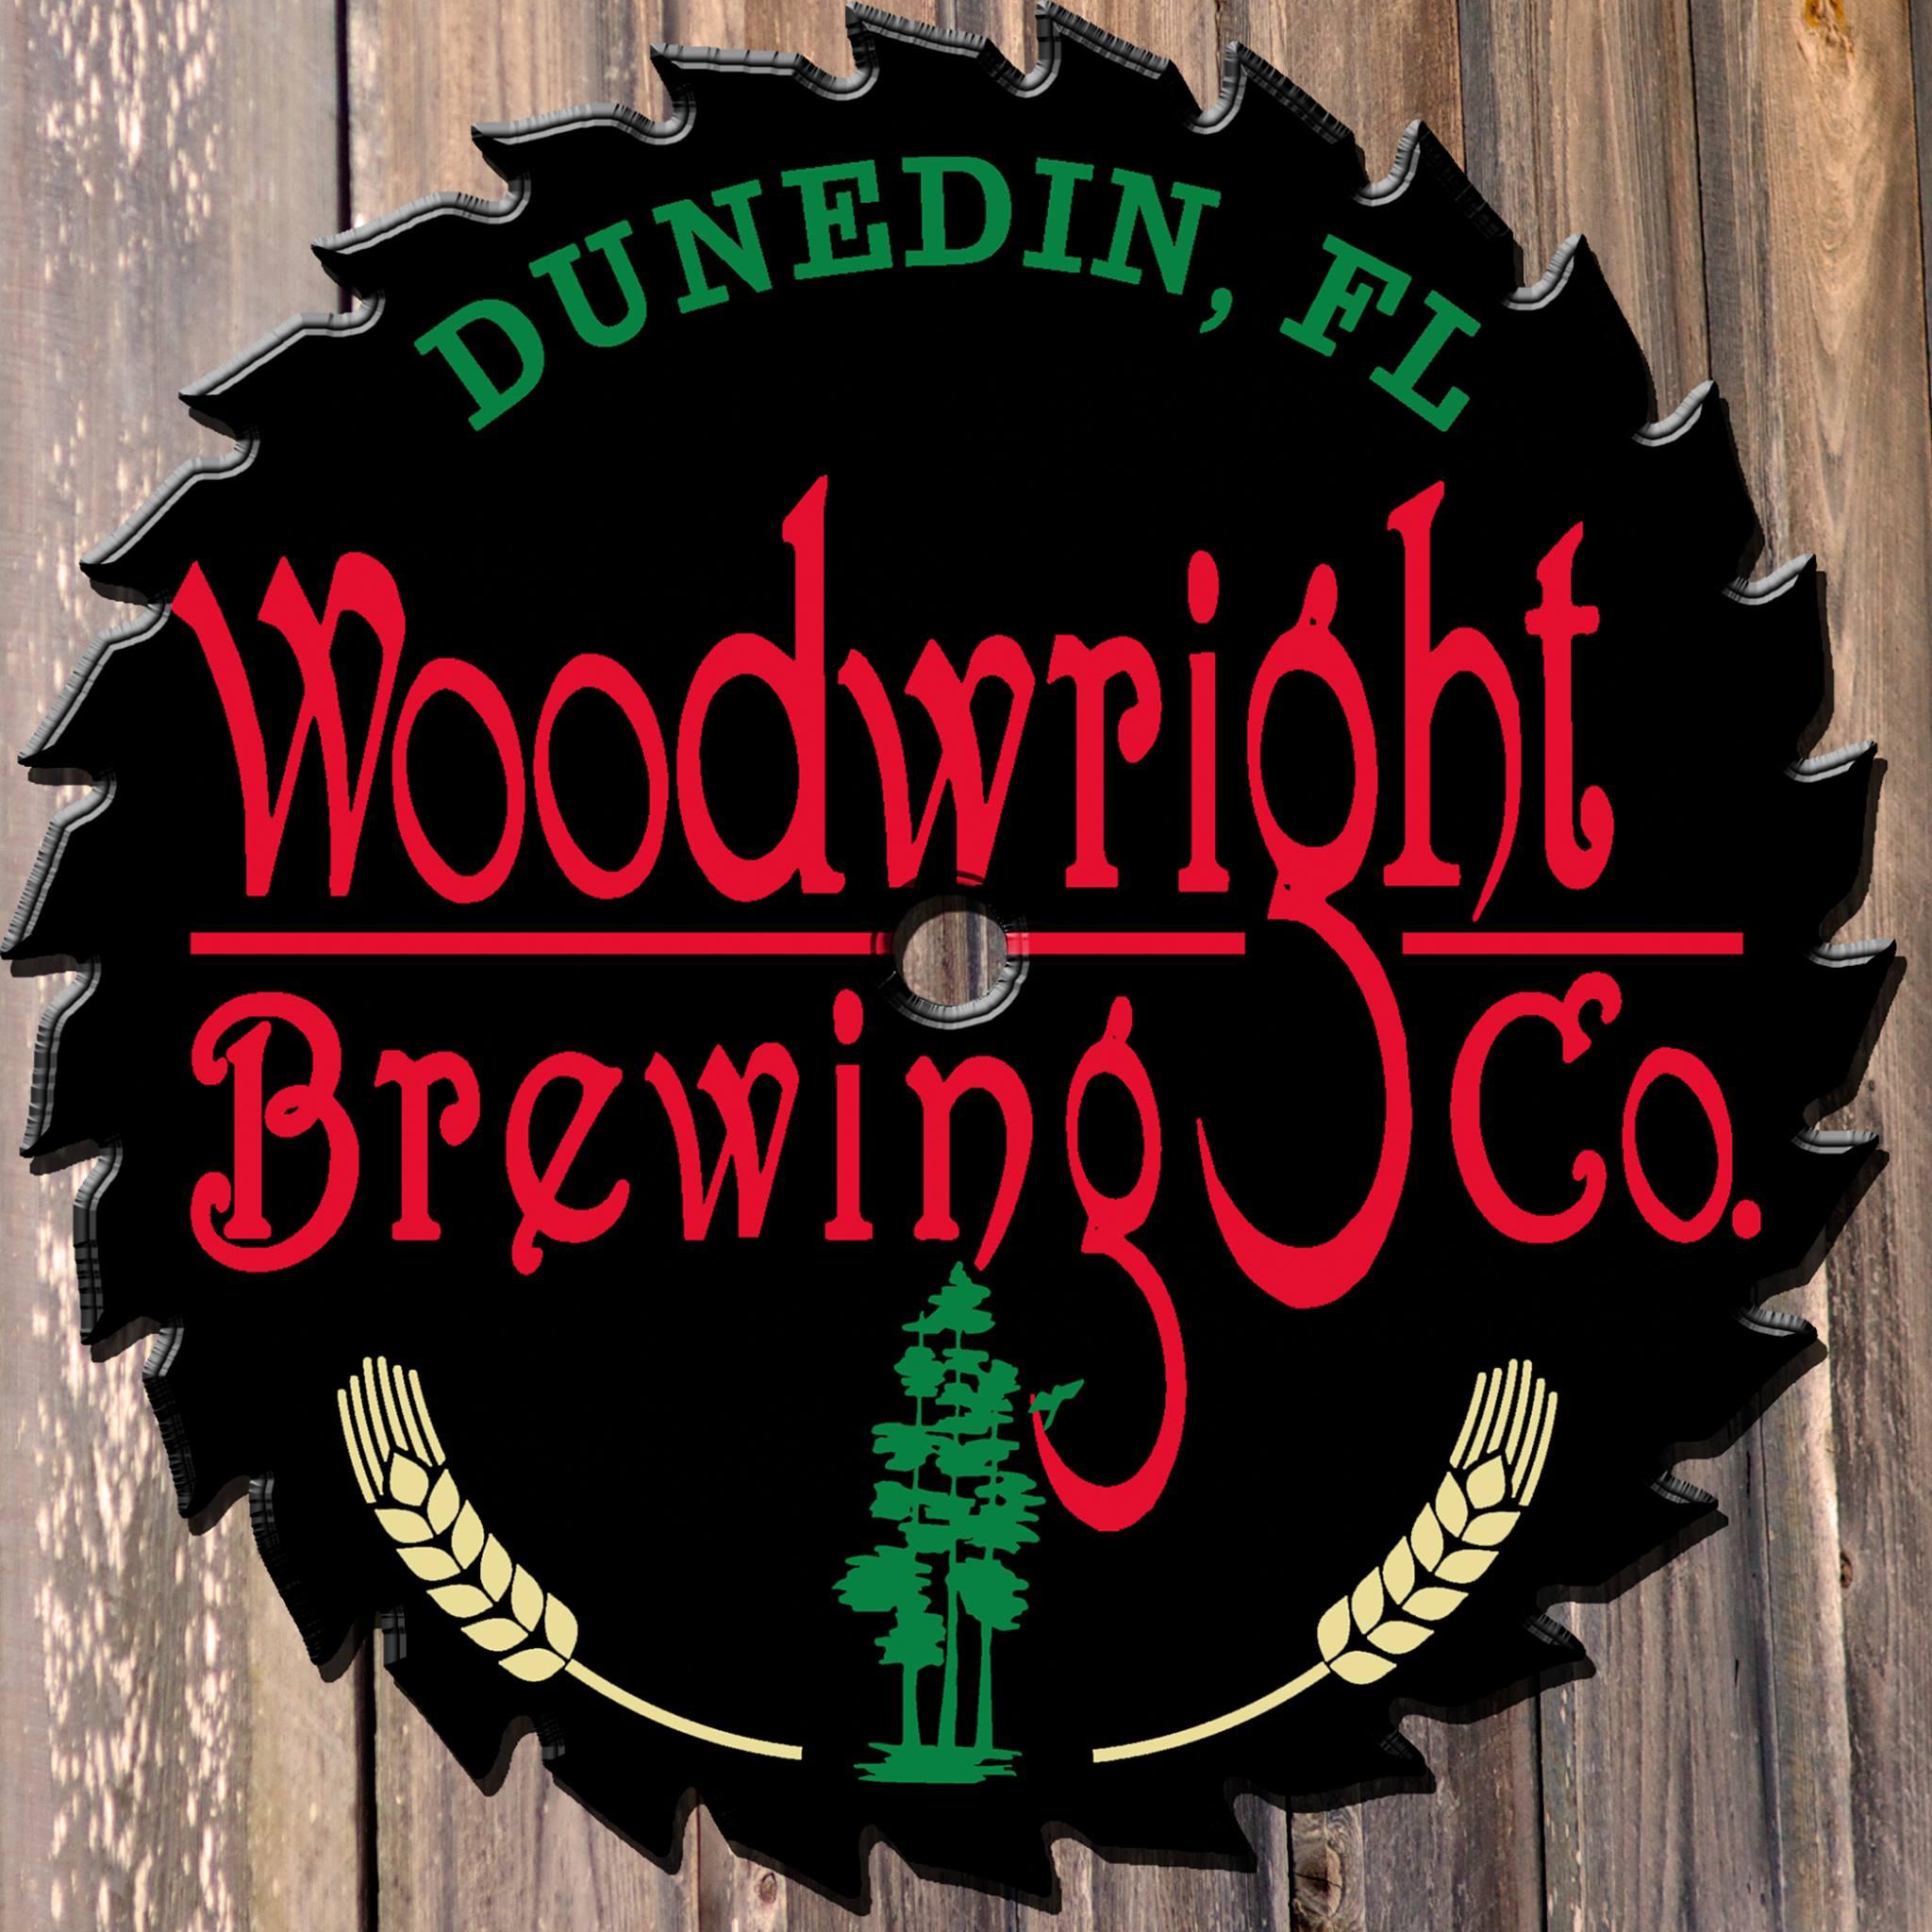 WoodwrightBrewing4.jpg